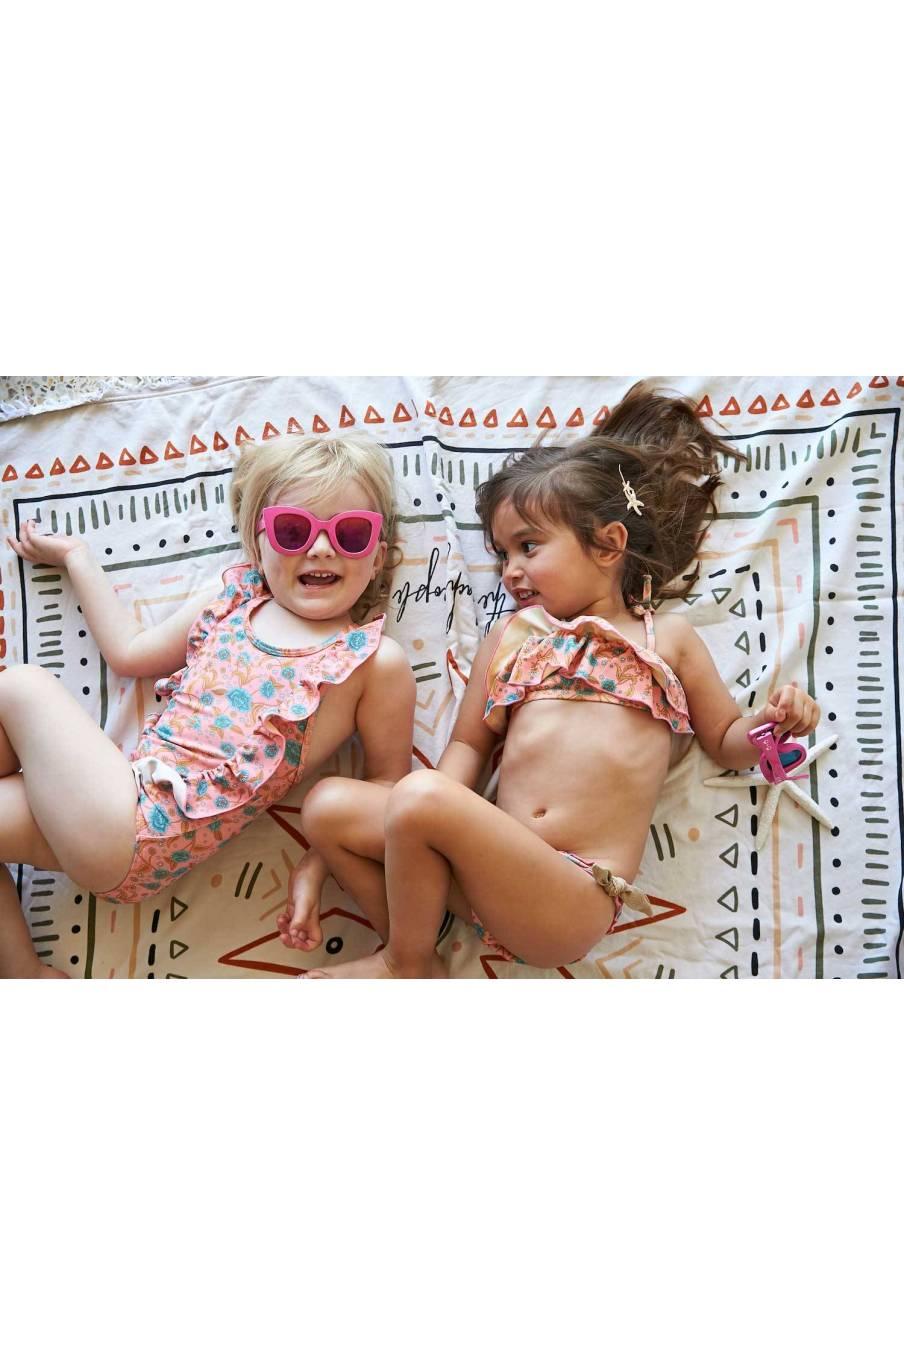 bikini bohème chic vintage  fille fleurie zacata